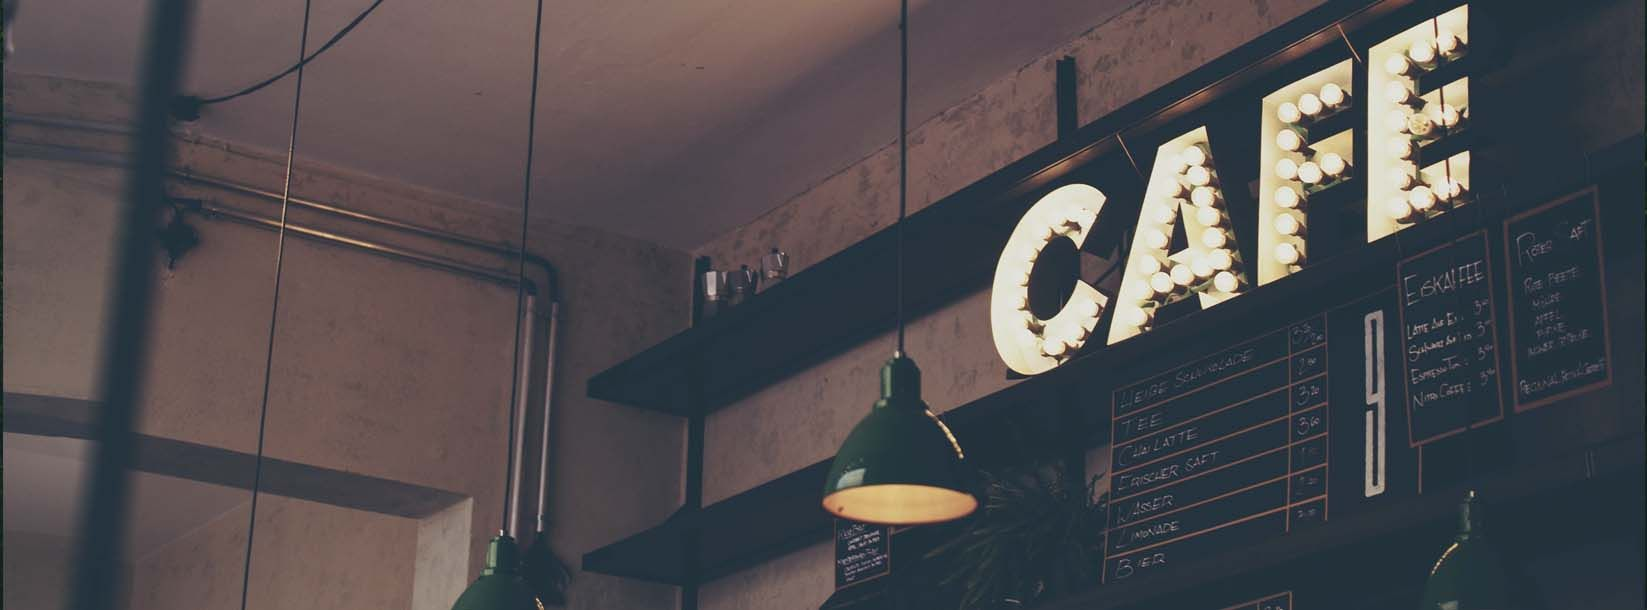 Diseño de interiores para restaurantes, 100% concepto